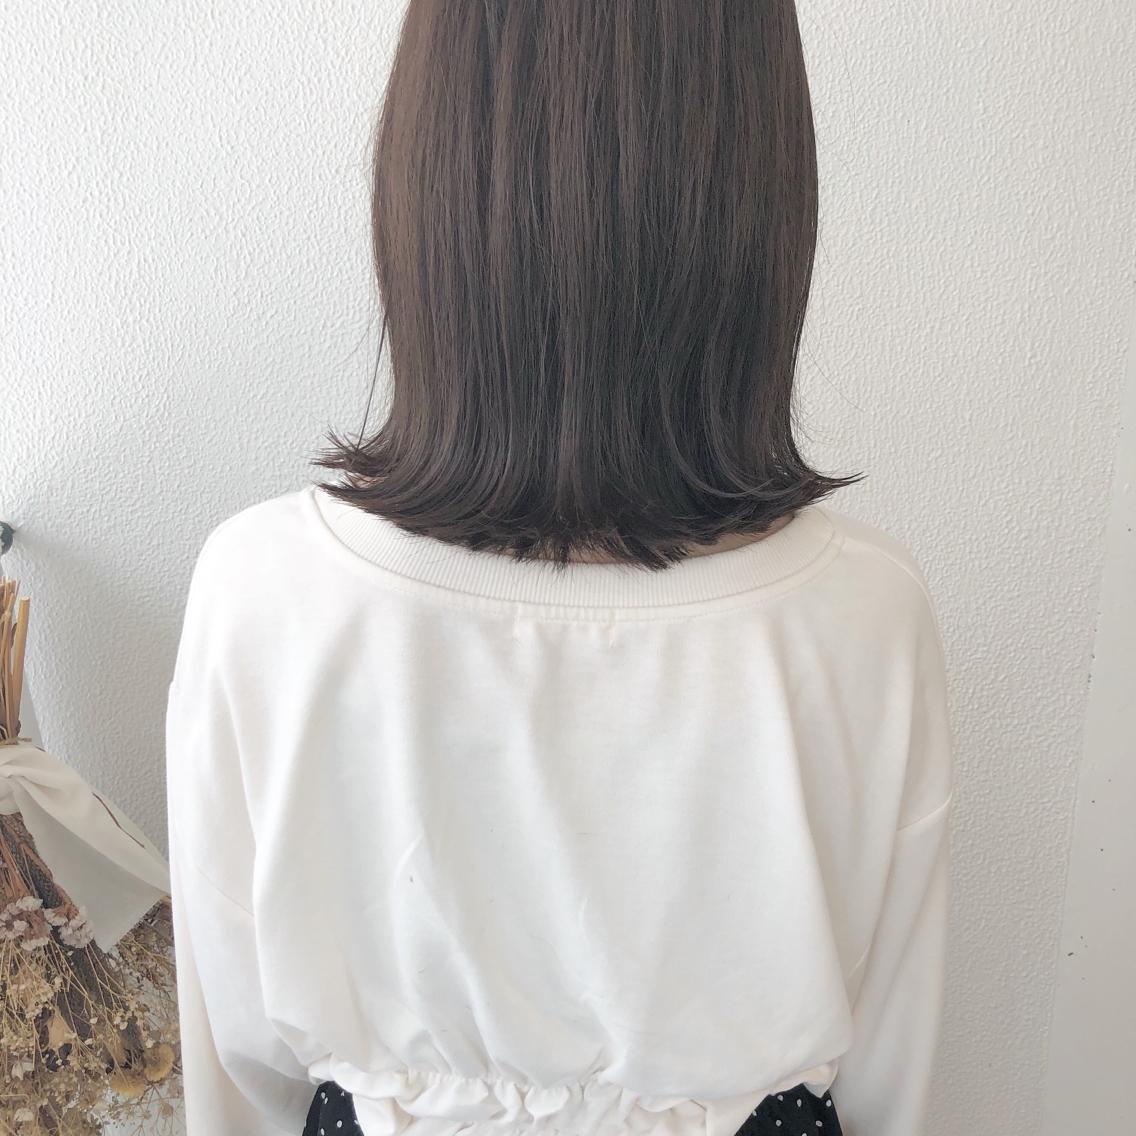 #ショート #カラー #パーマ #ヘアアレンジ 【切りっぱなし外ハネボブ】  Instagramにもヘアスタイル載せてますので是非♪♪  https://instagram.com/yuuki_matsui_/